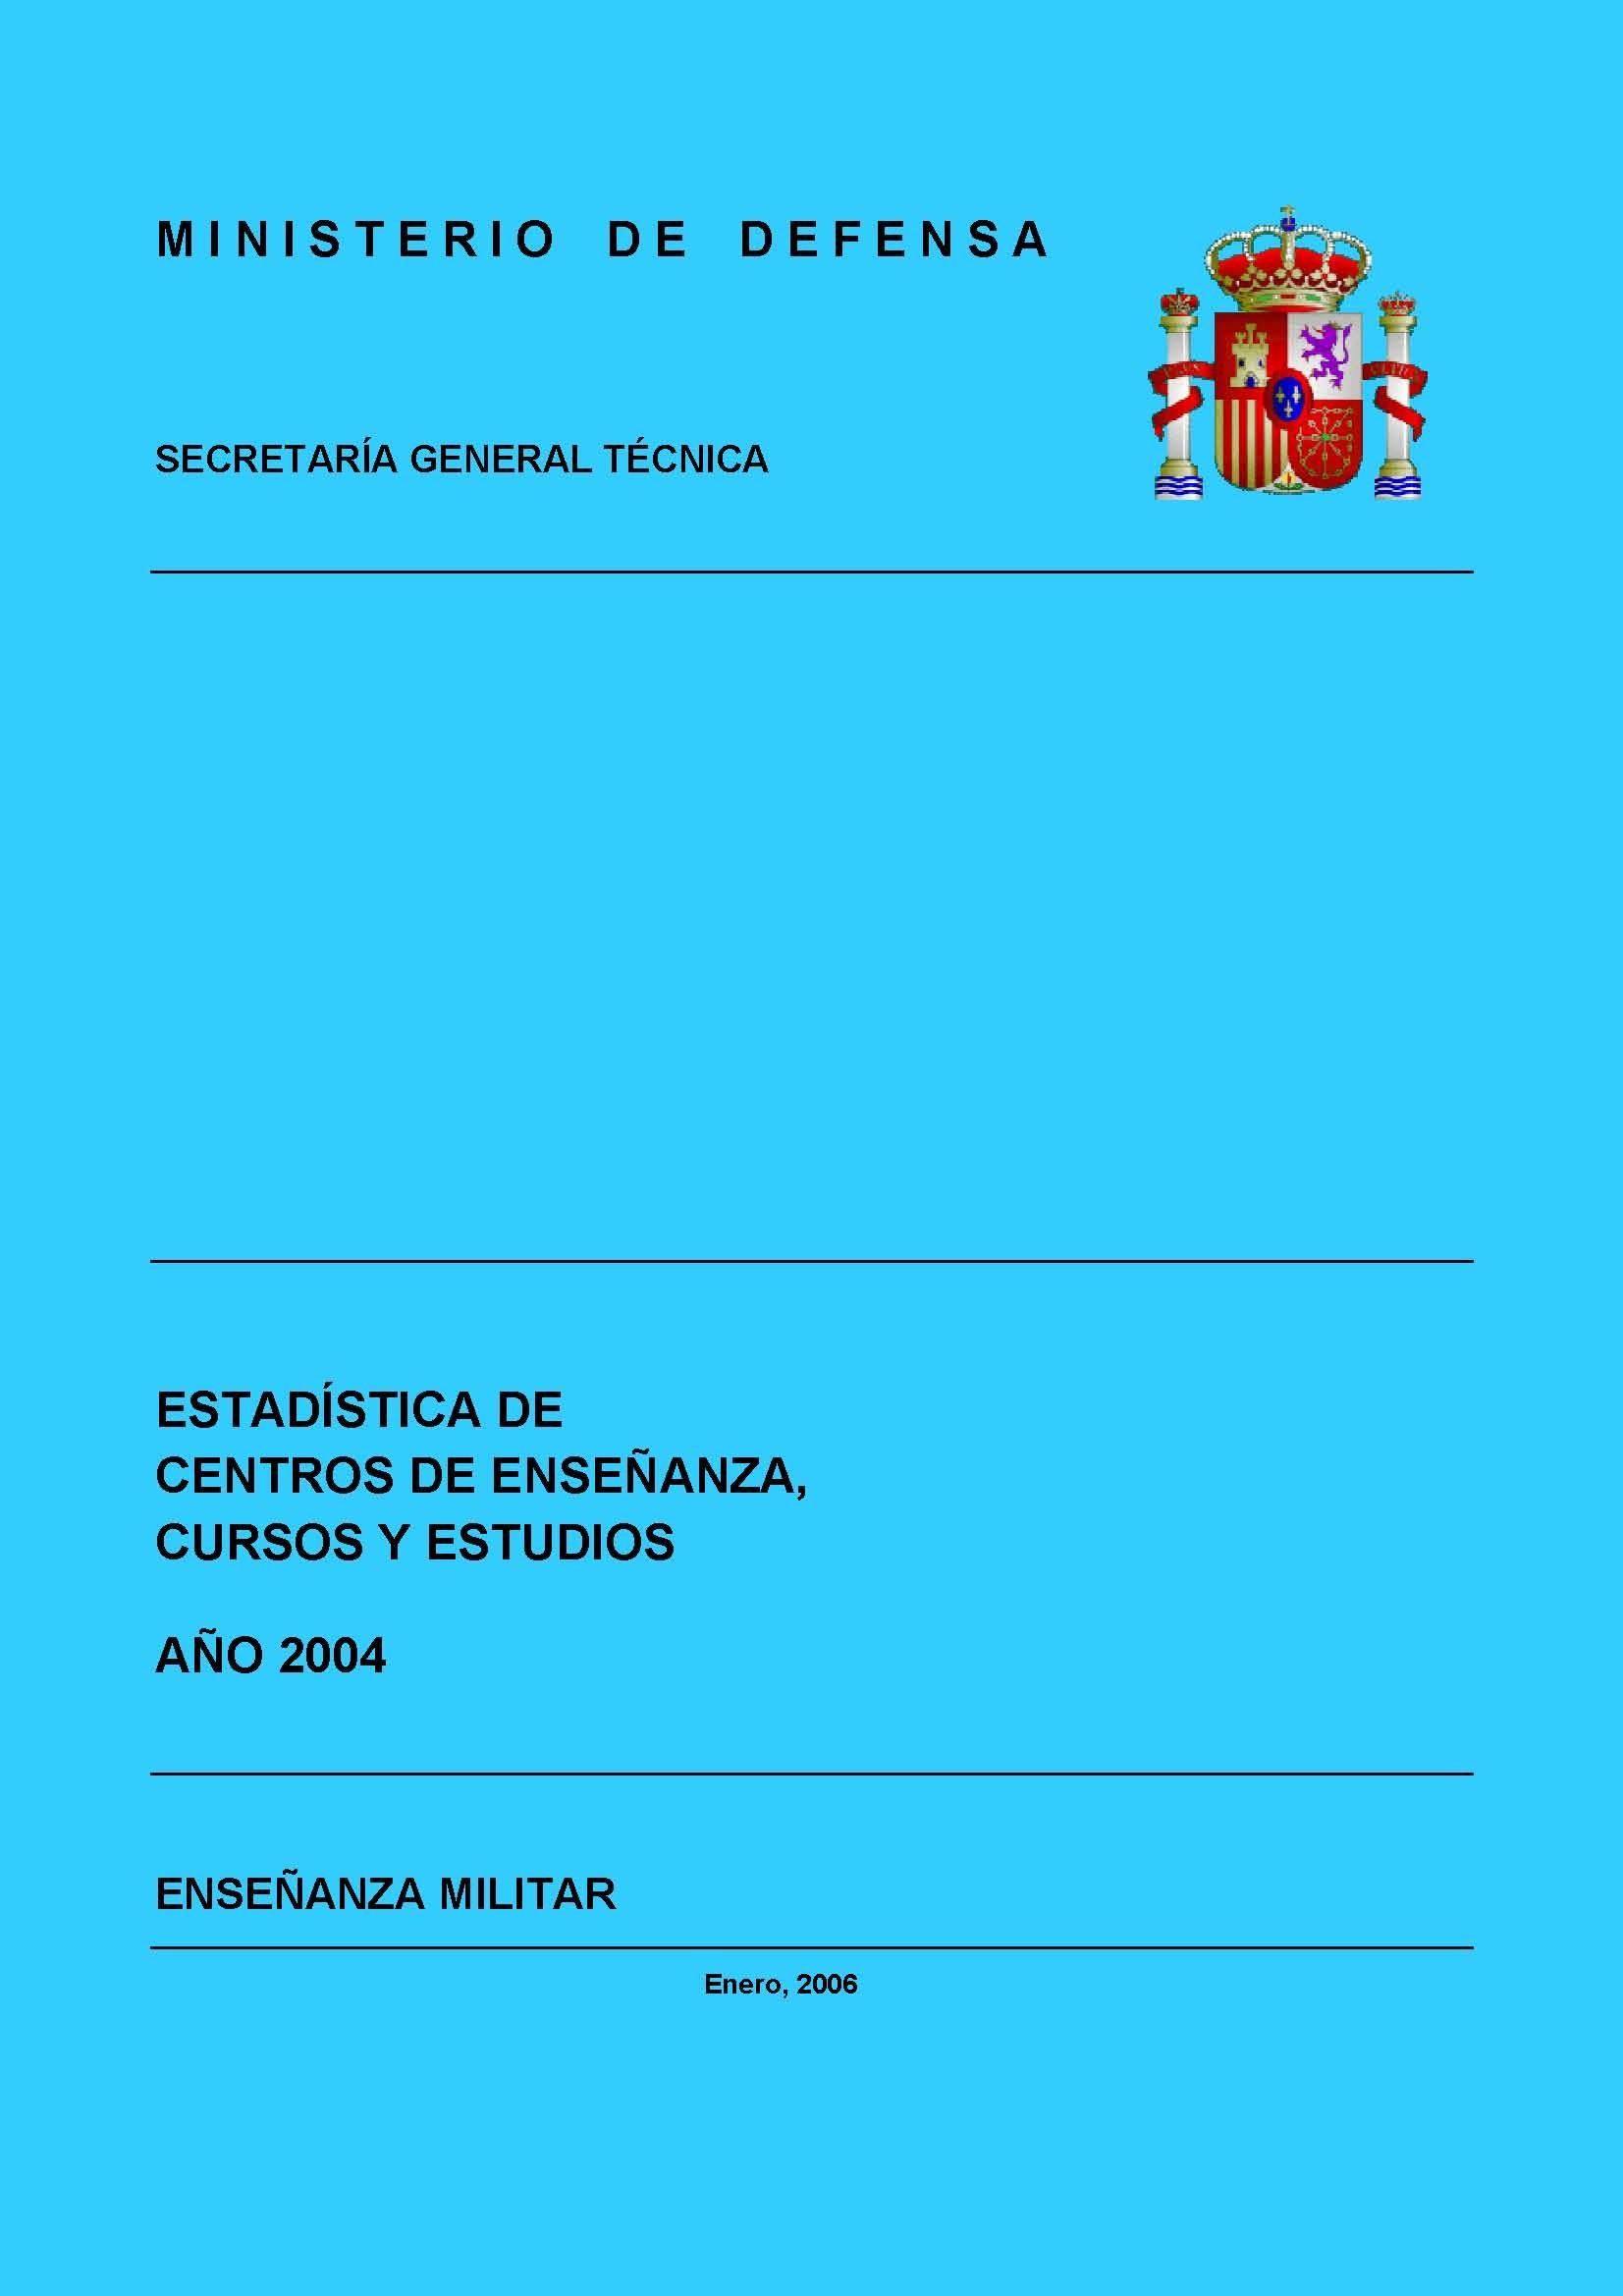 ESTADÍSTICA DE CENTROS DE ENSEÑANZA, CURSOS Y ESTUDIOS 2004